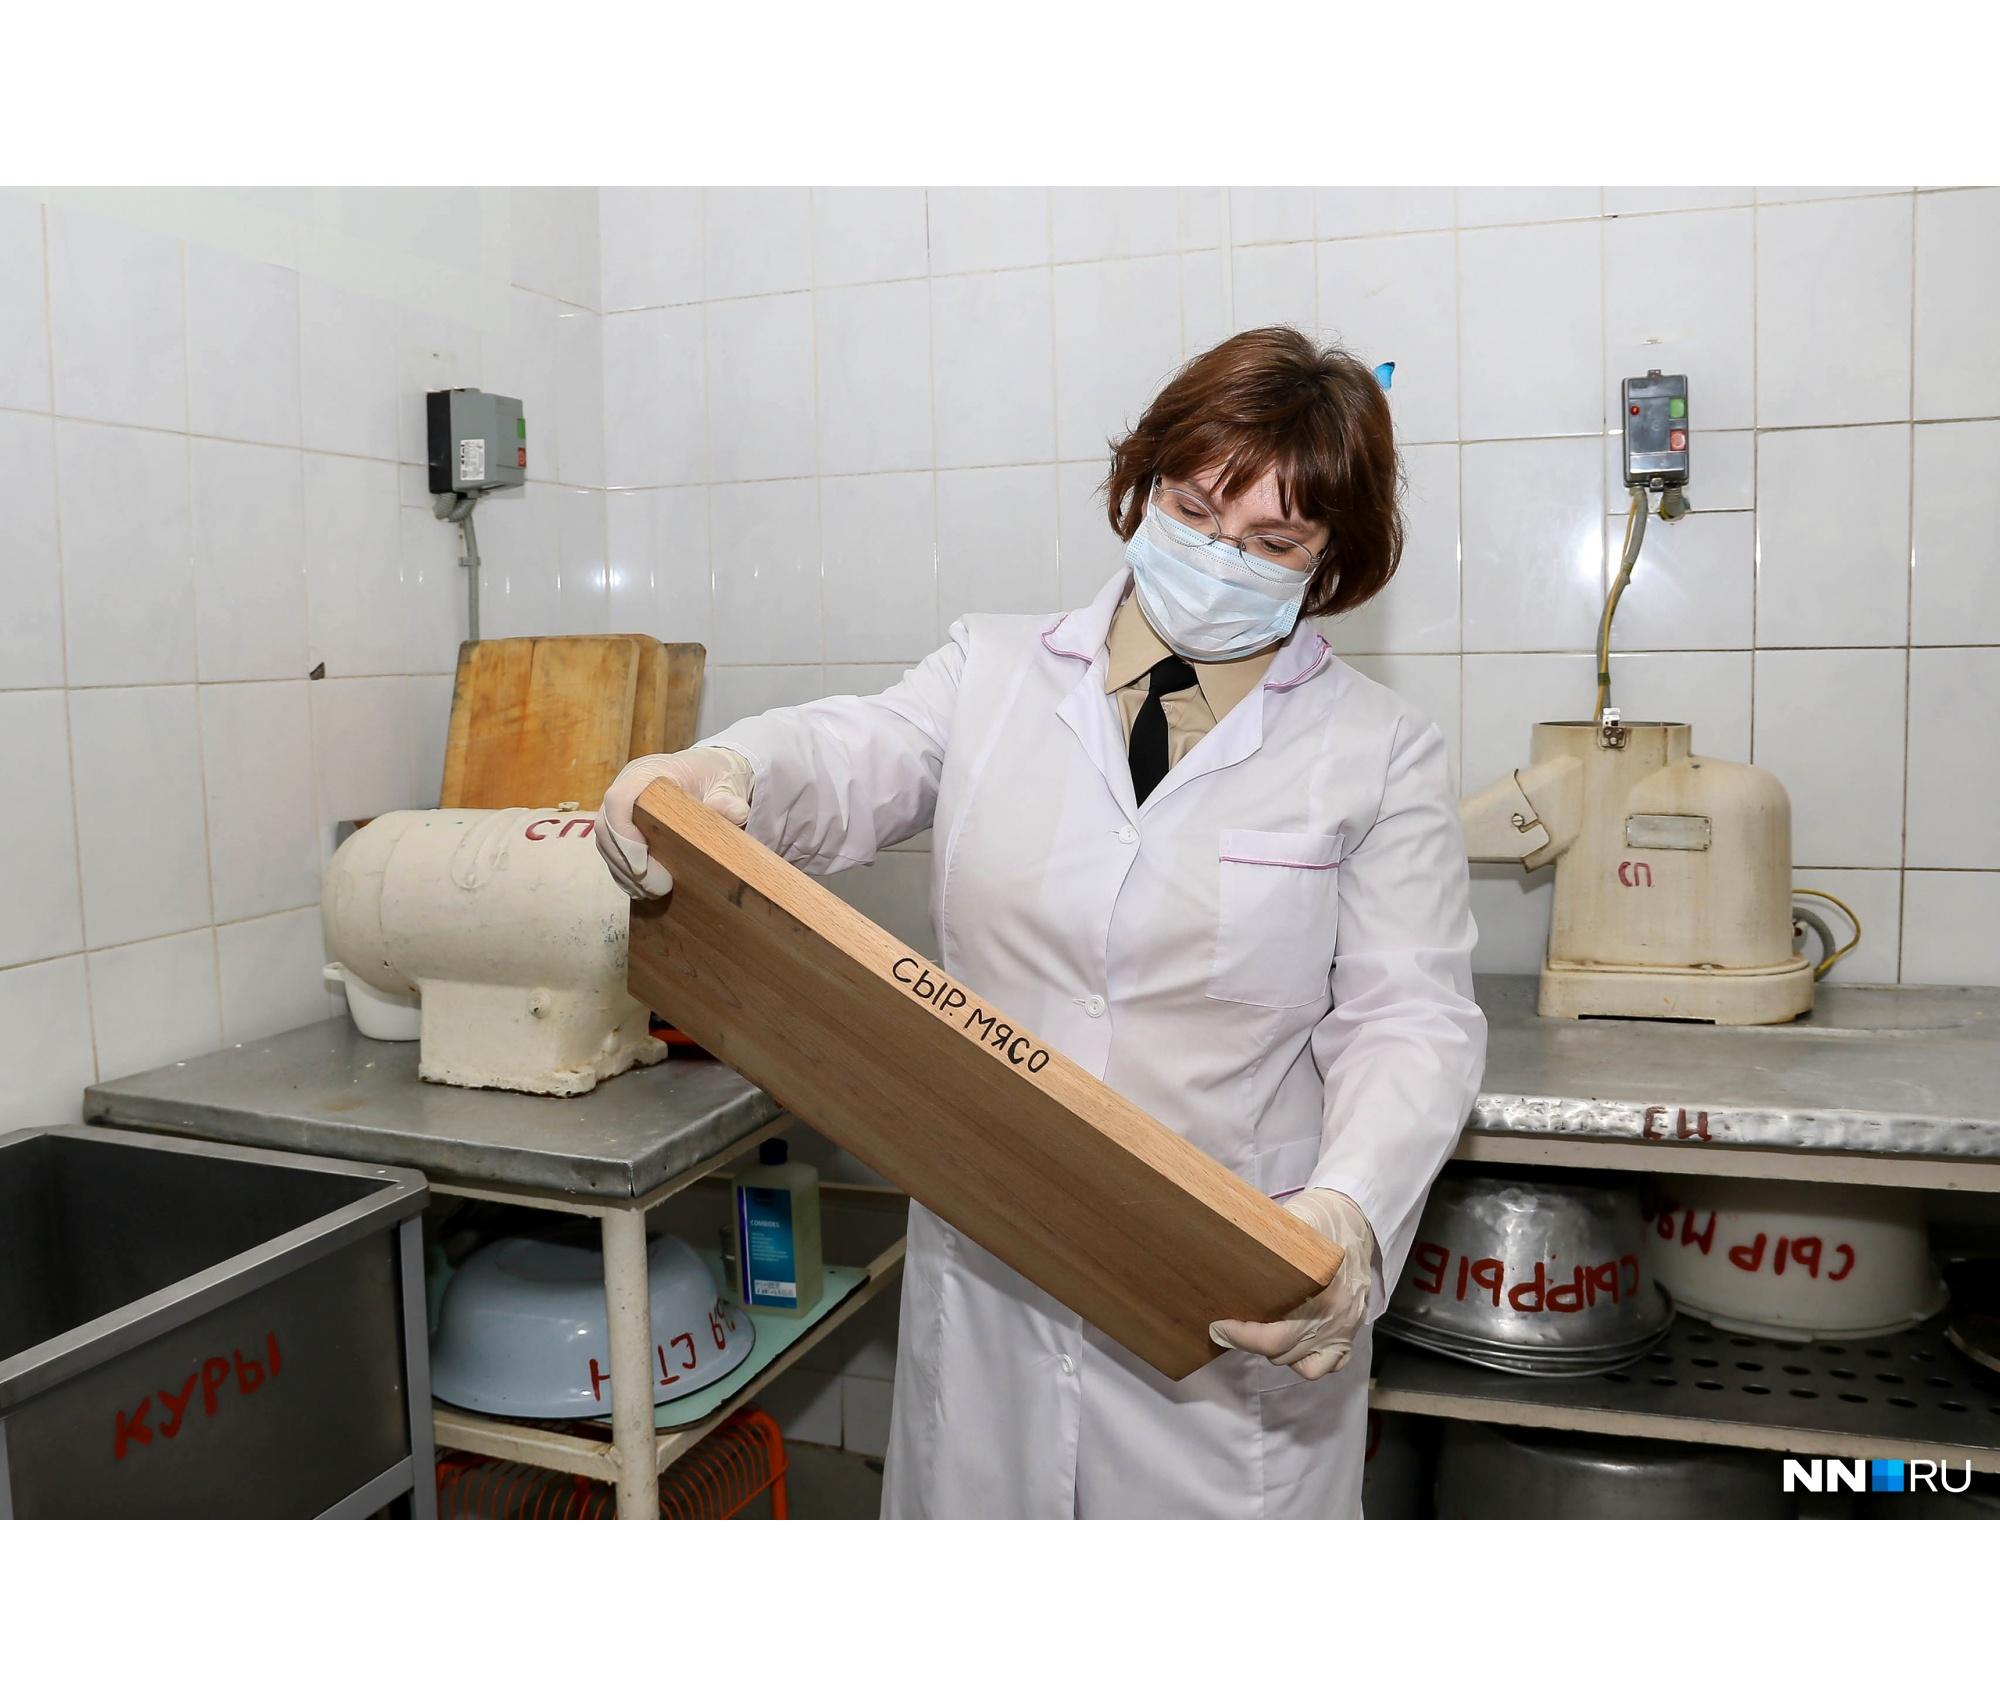 Детские сады Нижегородской области получили методические рекомендации о мерах профилактики сезонных инфекций